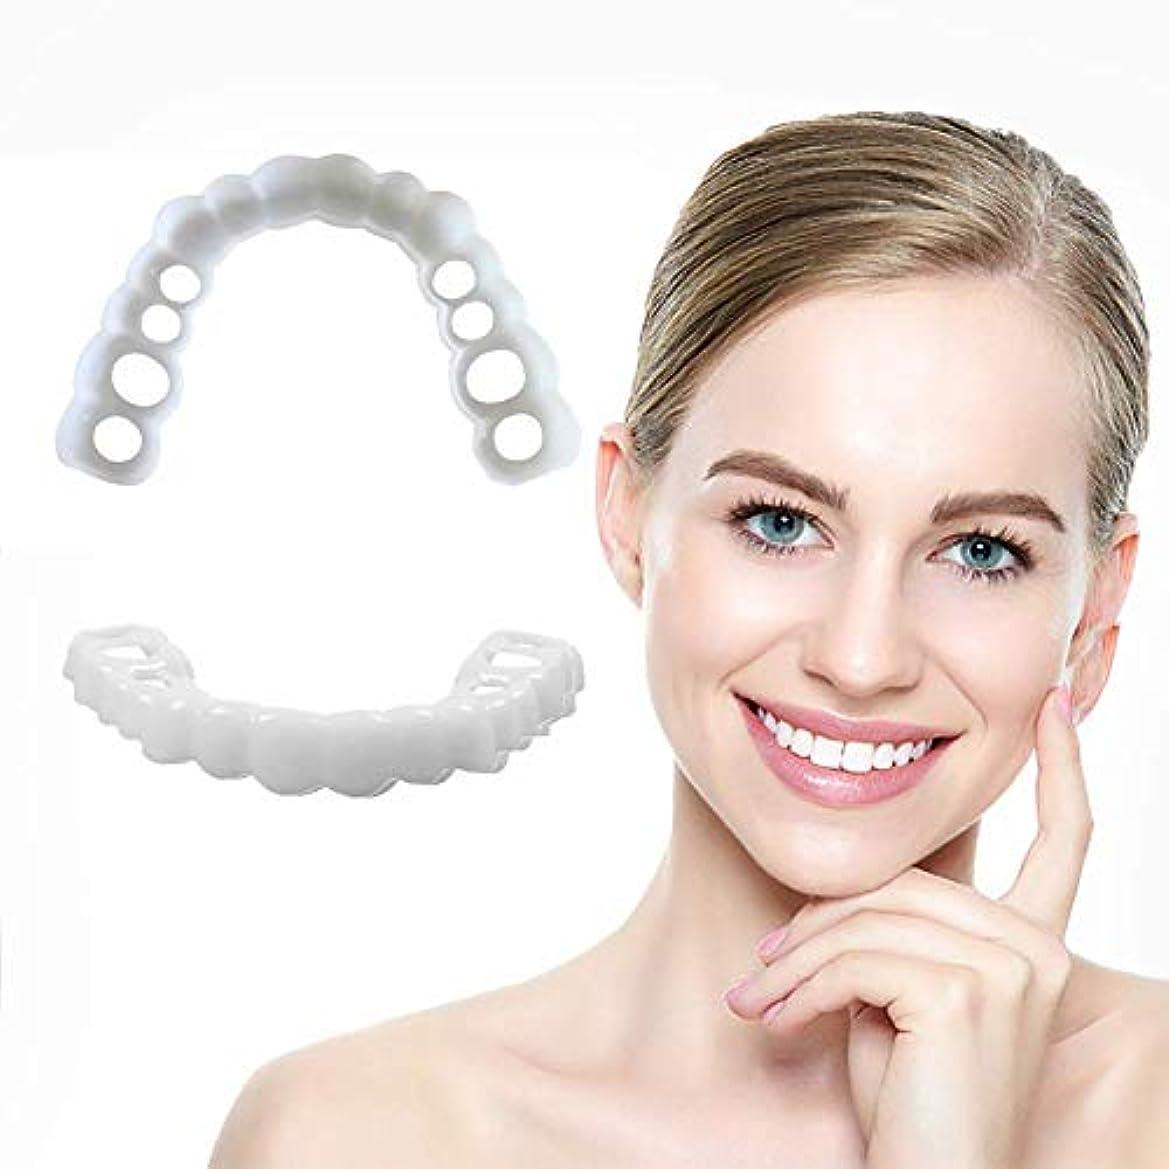 イライラする学者スーパーセットの第二世代のシリコーンのシミュレーションの歯科用義歯を白くする上下の歯の模擬装具,1pcs,Upperteeth